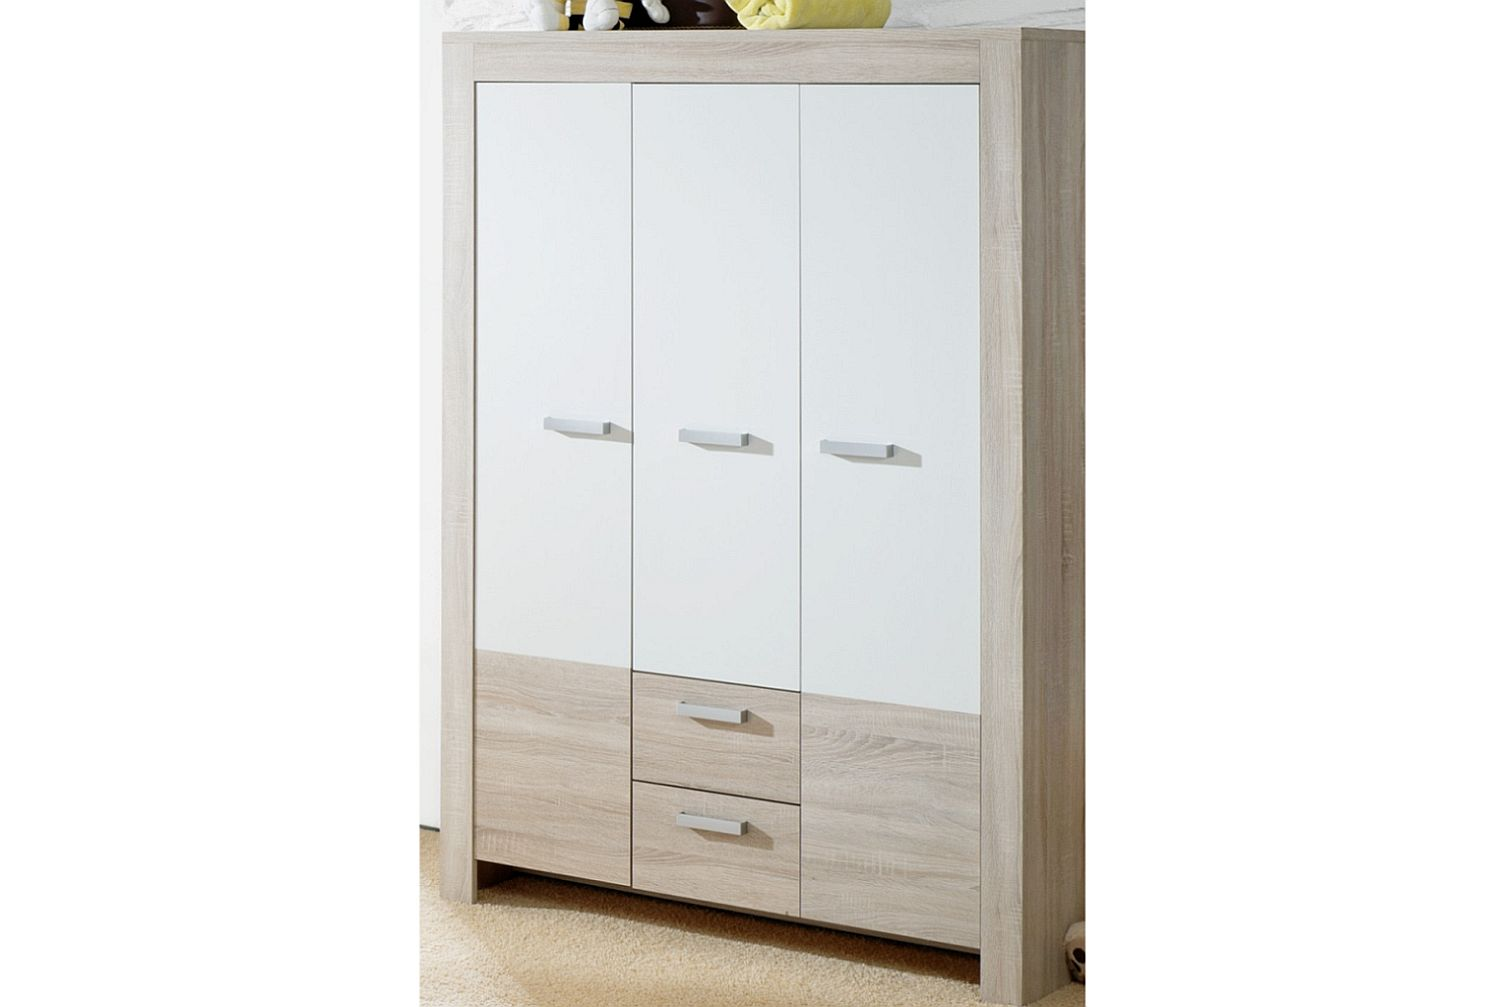 ben kleiderschrank 0437 32 eiche s gerau weiss matt. Black Bedroom Furniture Sets. Home Design Ideas